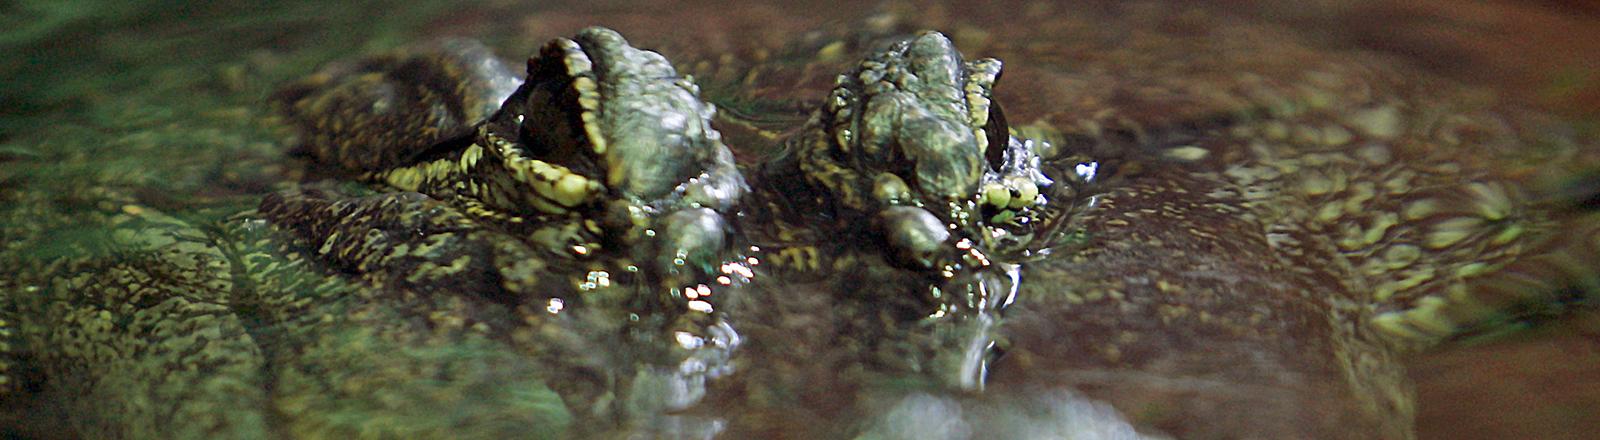 Ein Krokodil schaut am Mittwoch (18.10.2006) im Tierpark Hellabrunn mit seinen Augen aus dem Wasser. Alle heute lebenden Krokodile leben in Flüssen und Seen der Tropen und Subtropen, nur das Salzwasserkrokodil kann auch im Meer leben und kommt häufig an den Küsten verschiedener Inseln vor. Als Anpassung an ihren Lebensraum können die Tiere sehr gut schwimmen und tarnen sich im Wasser, indem sie vollständig bis auf Augen und Nasenlöcher untertauchen. Foto: Matthias Schrader dpa/lby +++(c) dpa - Report+++